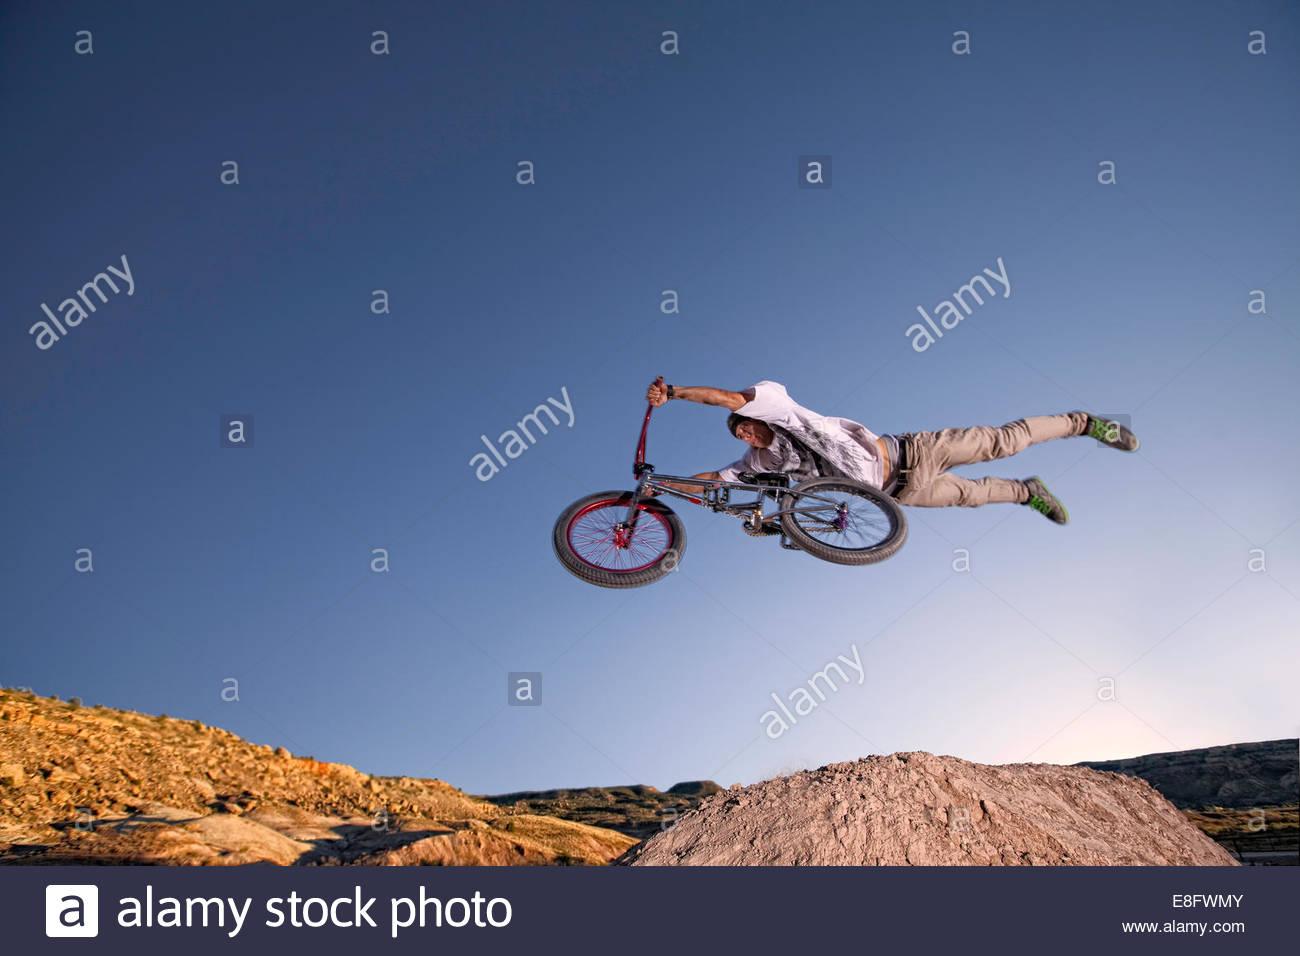 Niedrigen Winkel Blick des jungen Mannes auf BMX-Rad springen Luft Stockbild